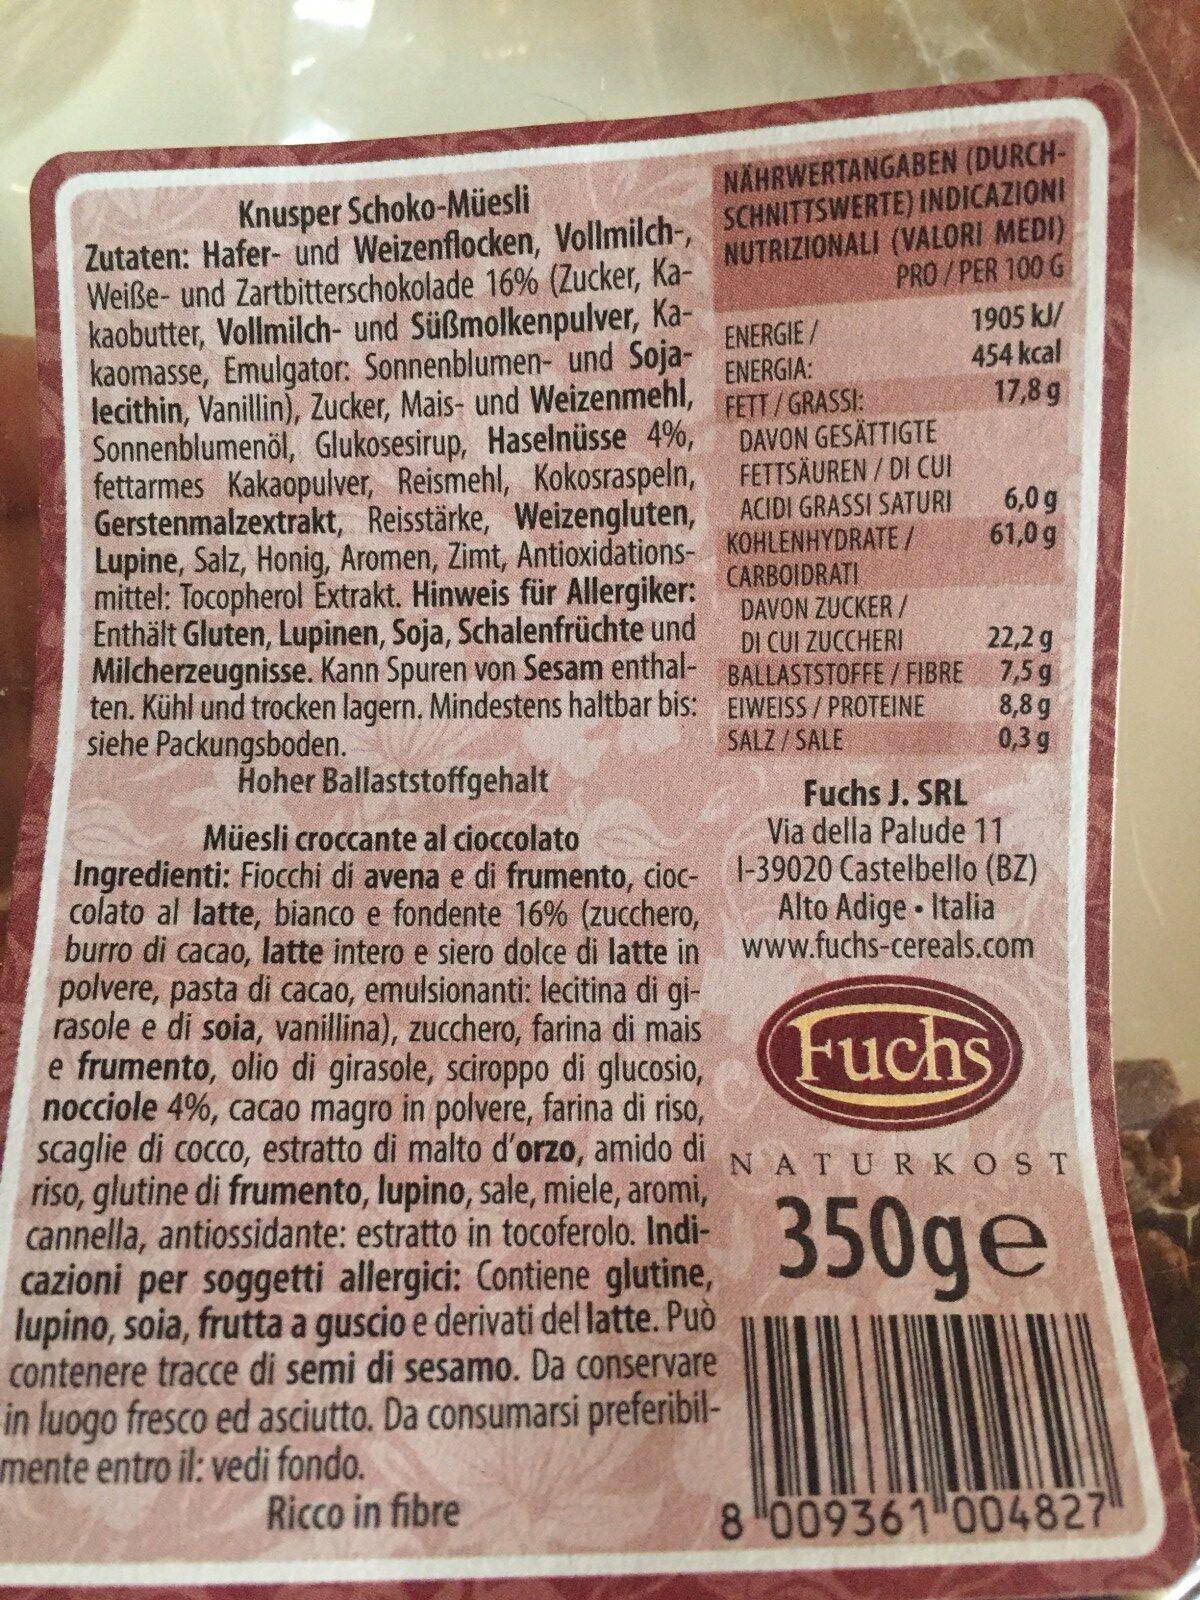 Muesli croccante al cioccolato - Ingrédients - fr